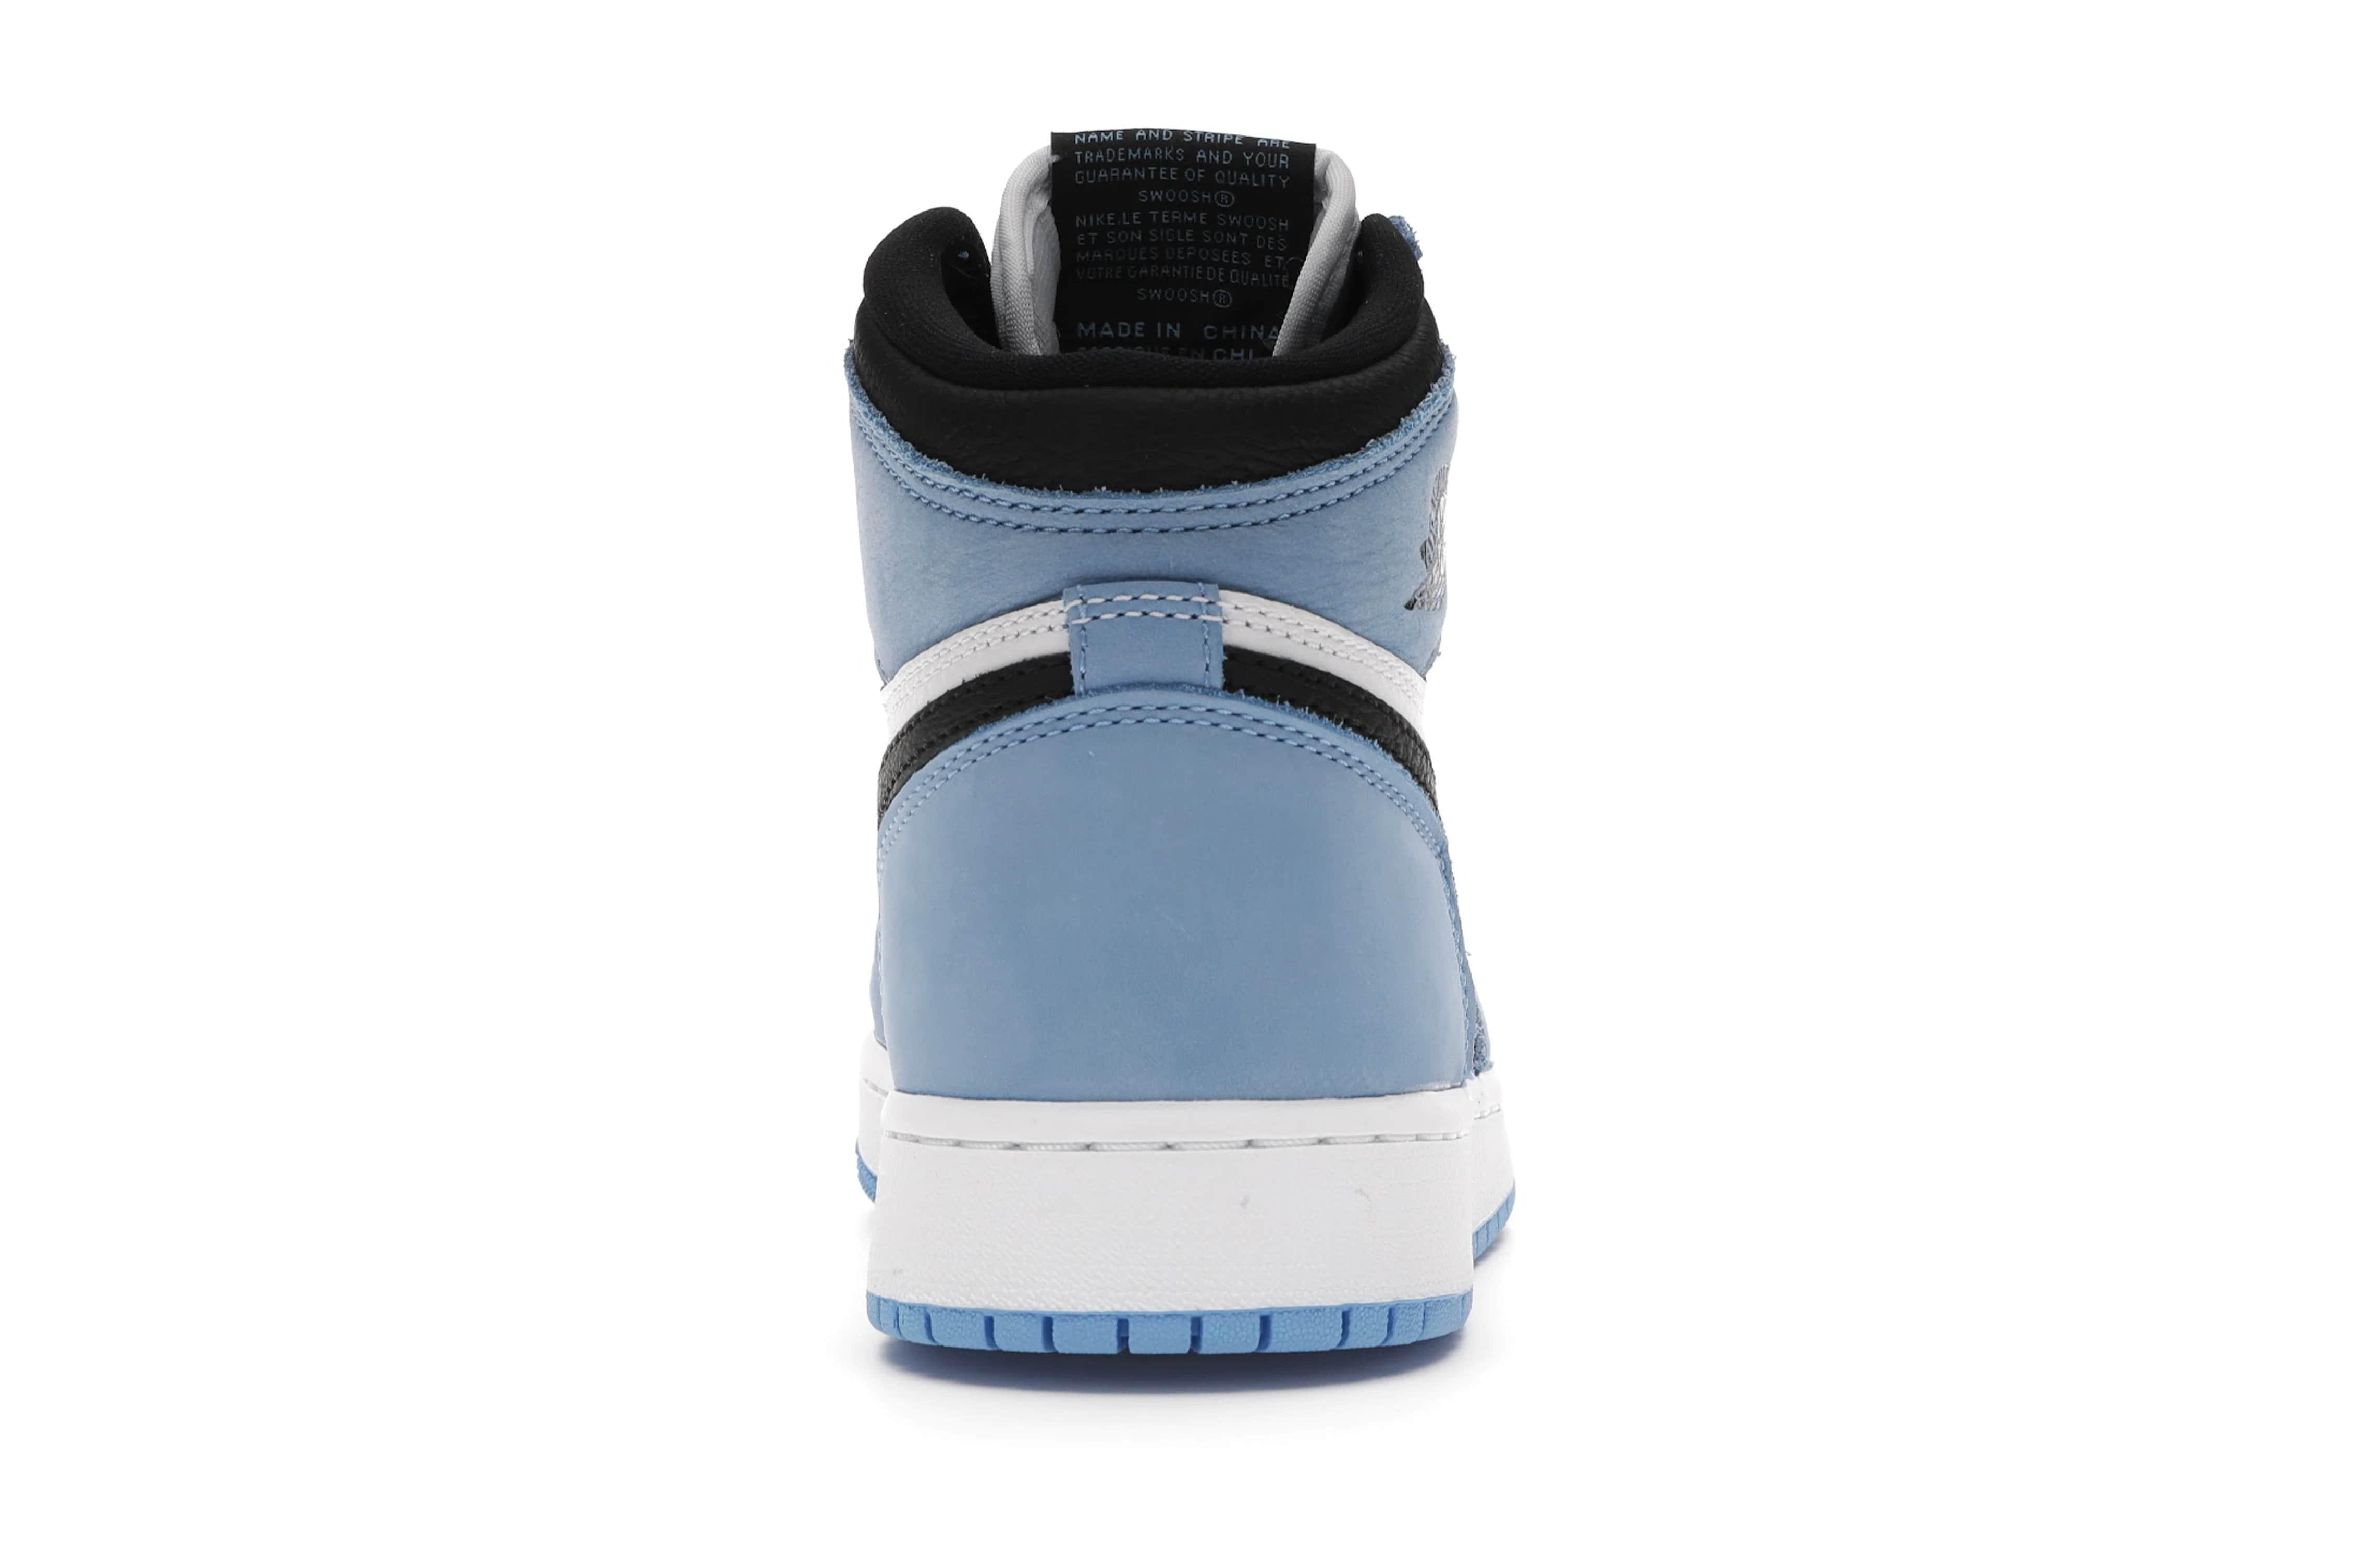 slide 4 - Jordan 1 Retro High White University Blue Black (GS)